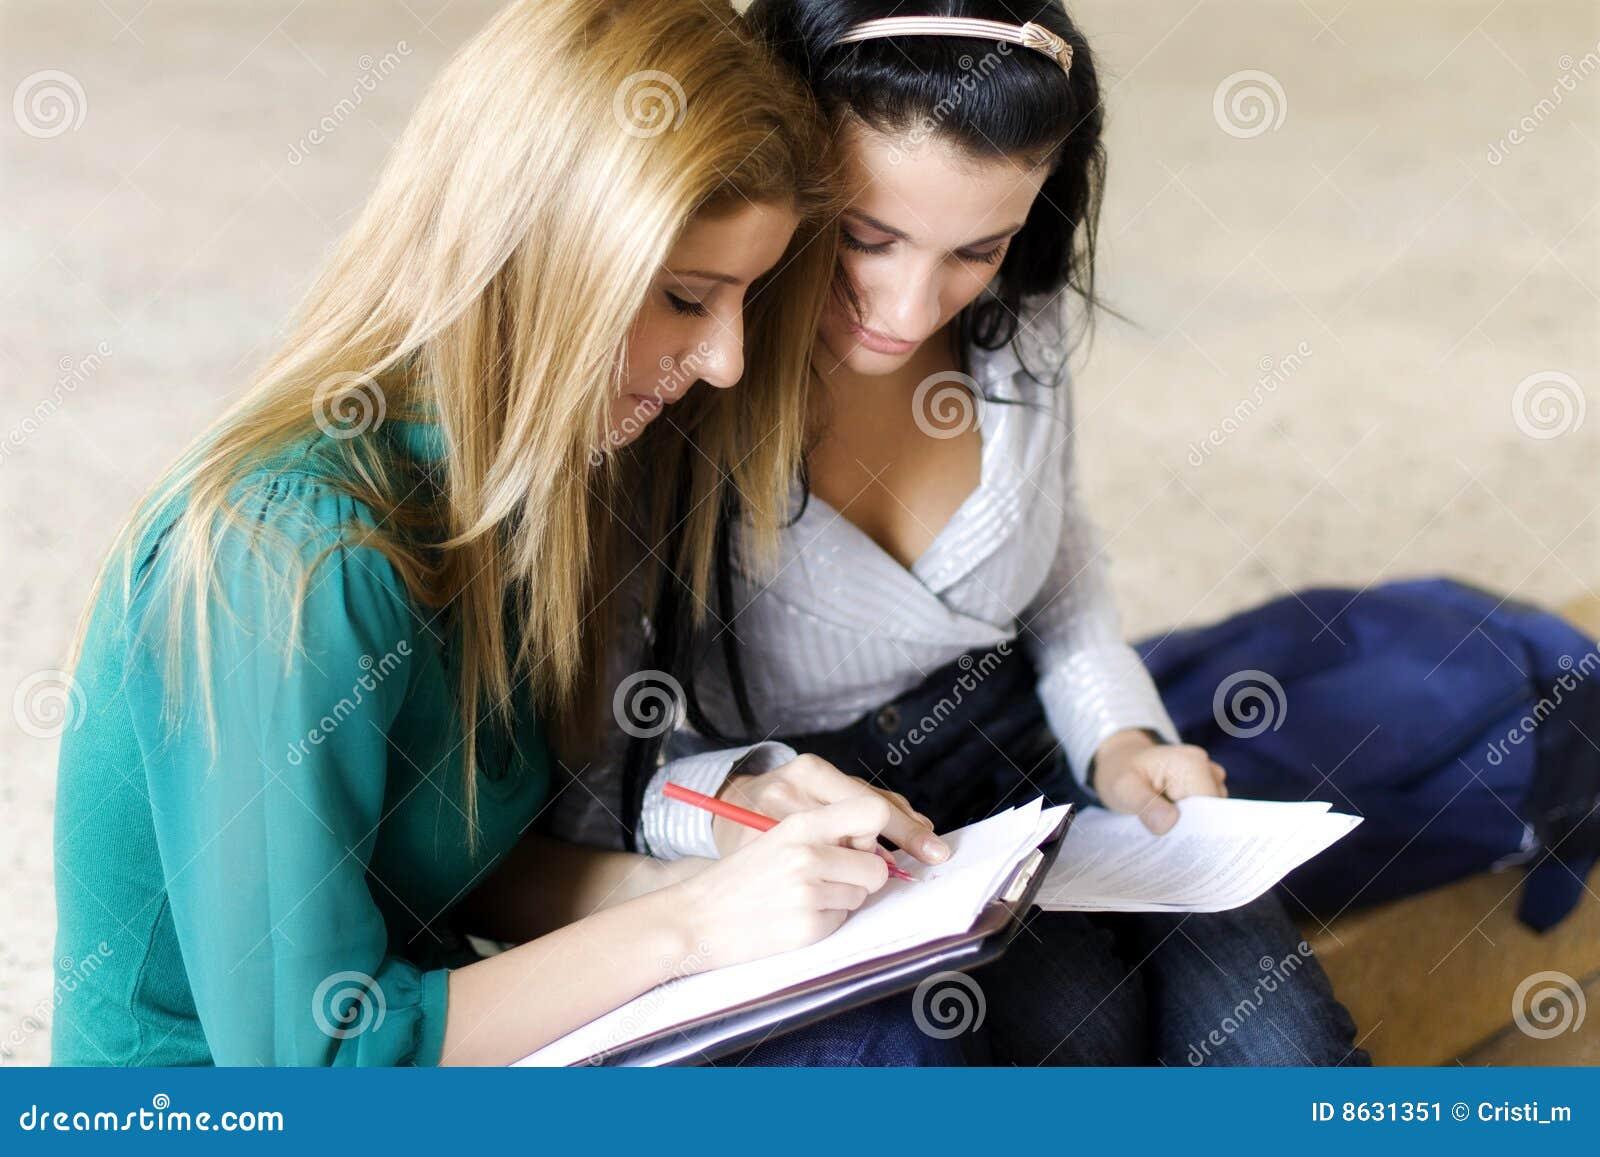 Студентки на экзамене онлайн 20 фотография